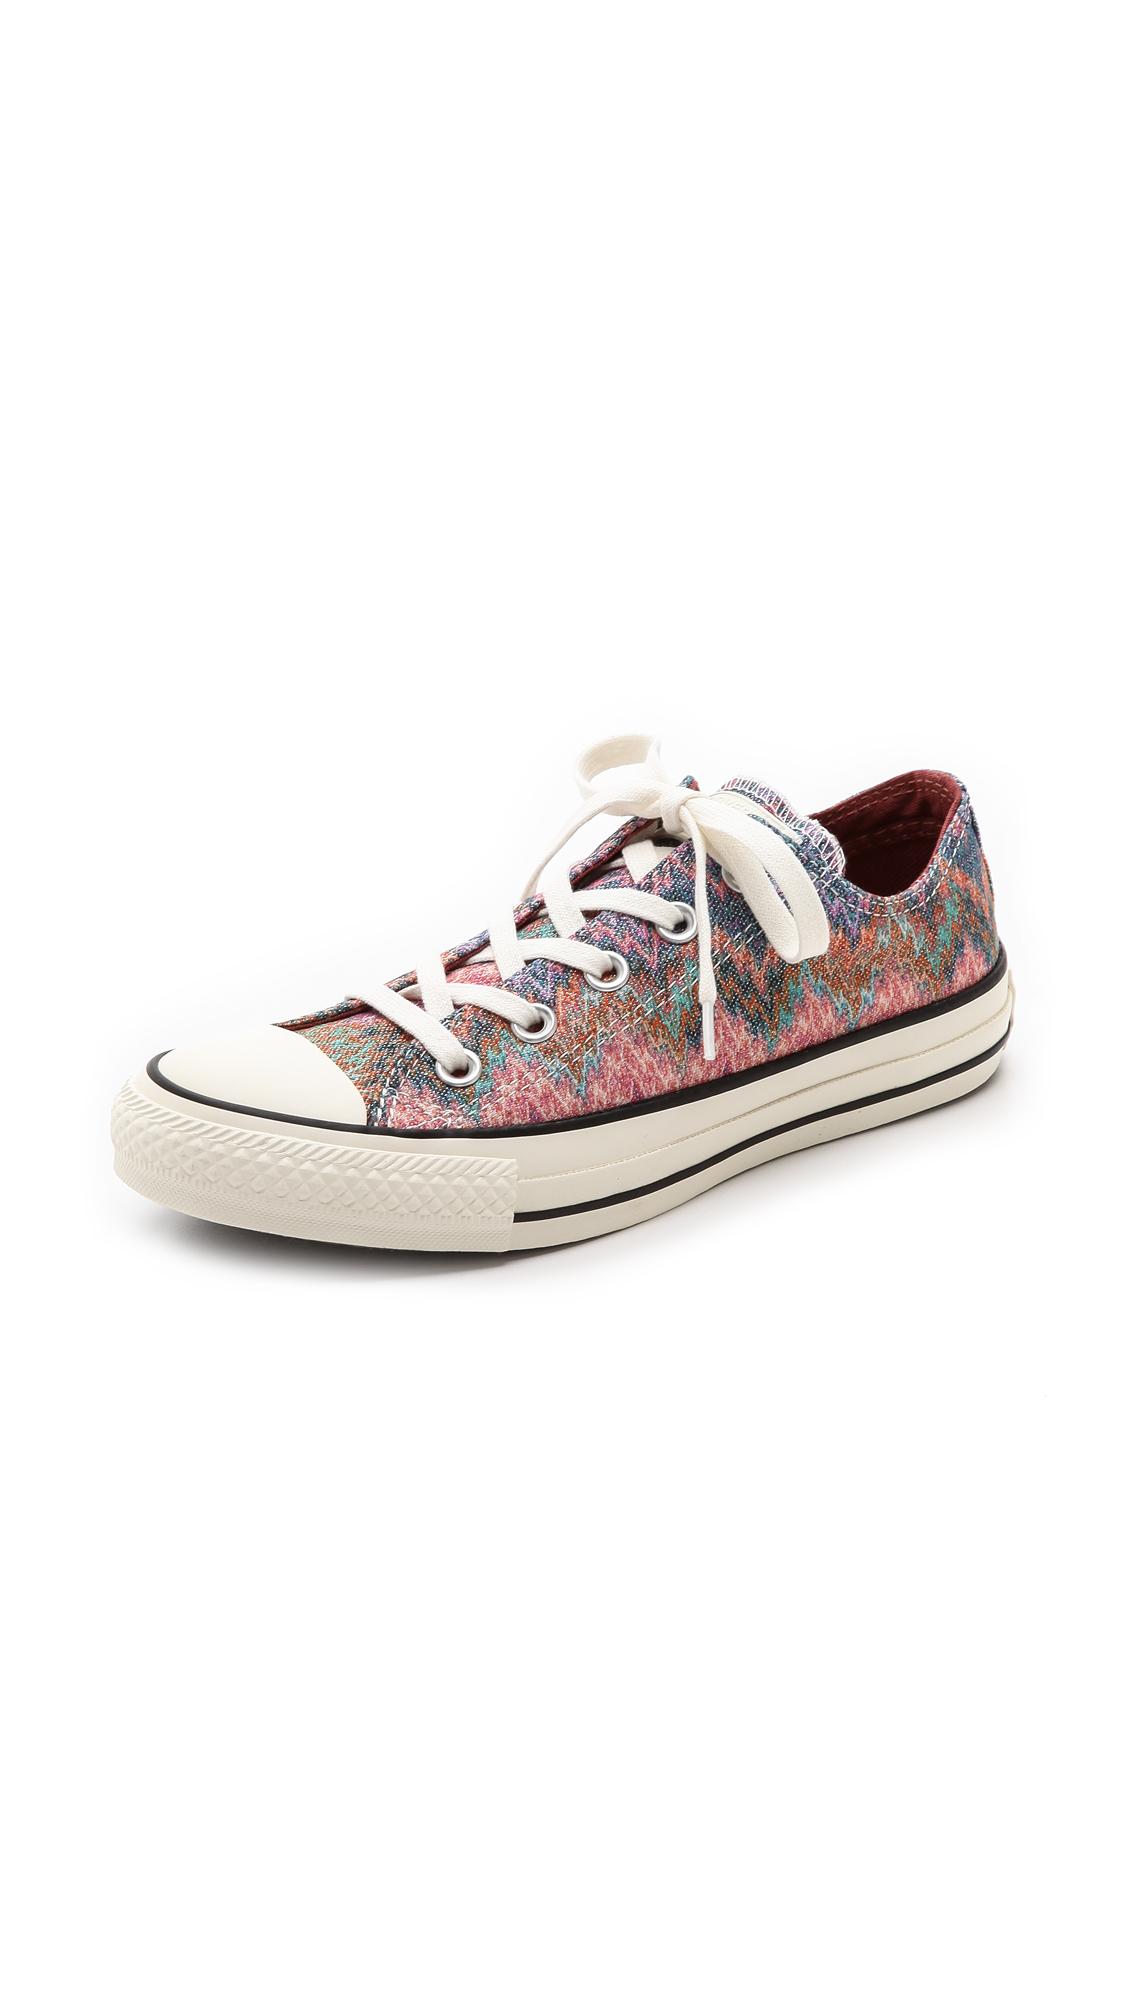 60478d4f79c8 Lyst - Converse Chuck Taylor All Star Missoni Sneakers - Egret Multi